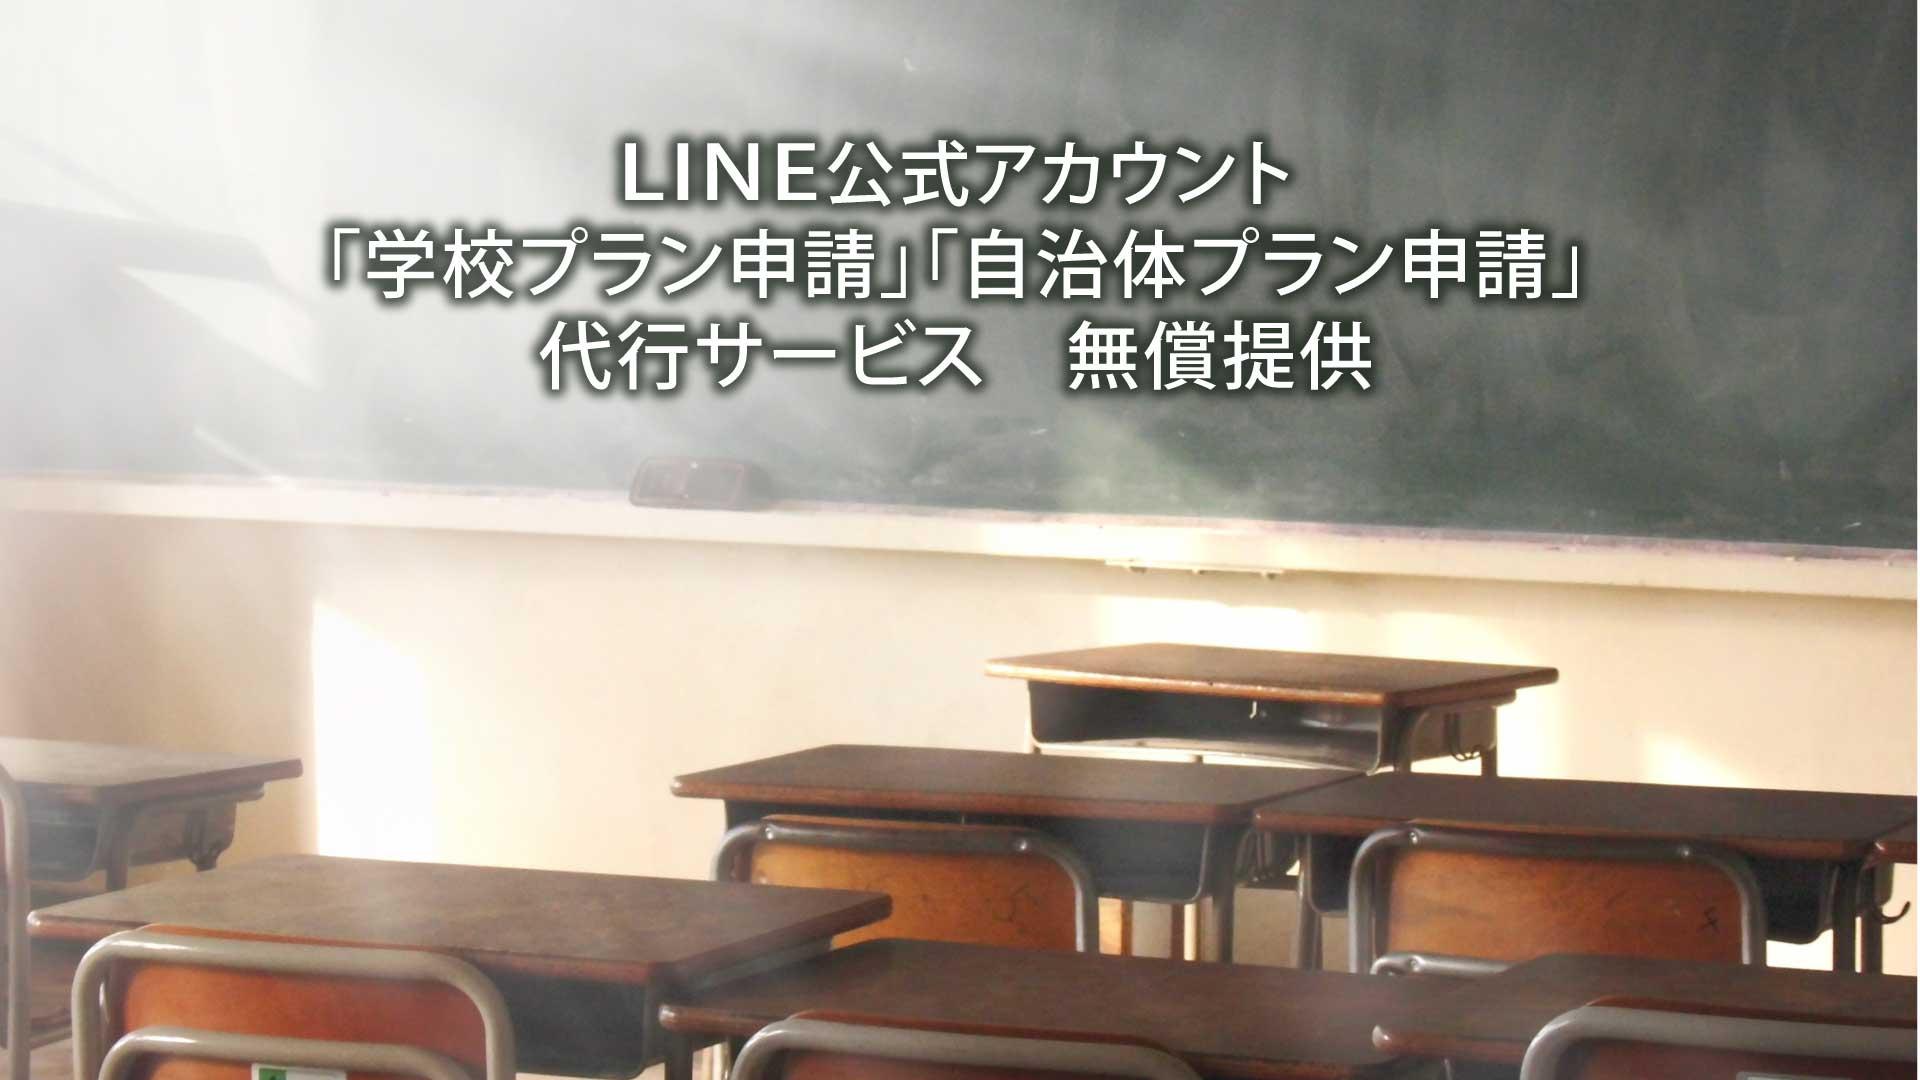 LINE公式アカウント「学校プラン」「自治体プラン」の申請代行・申請サポートを無償提供